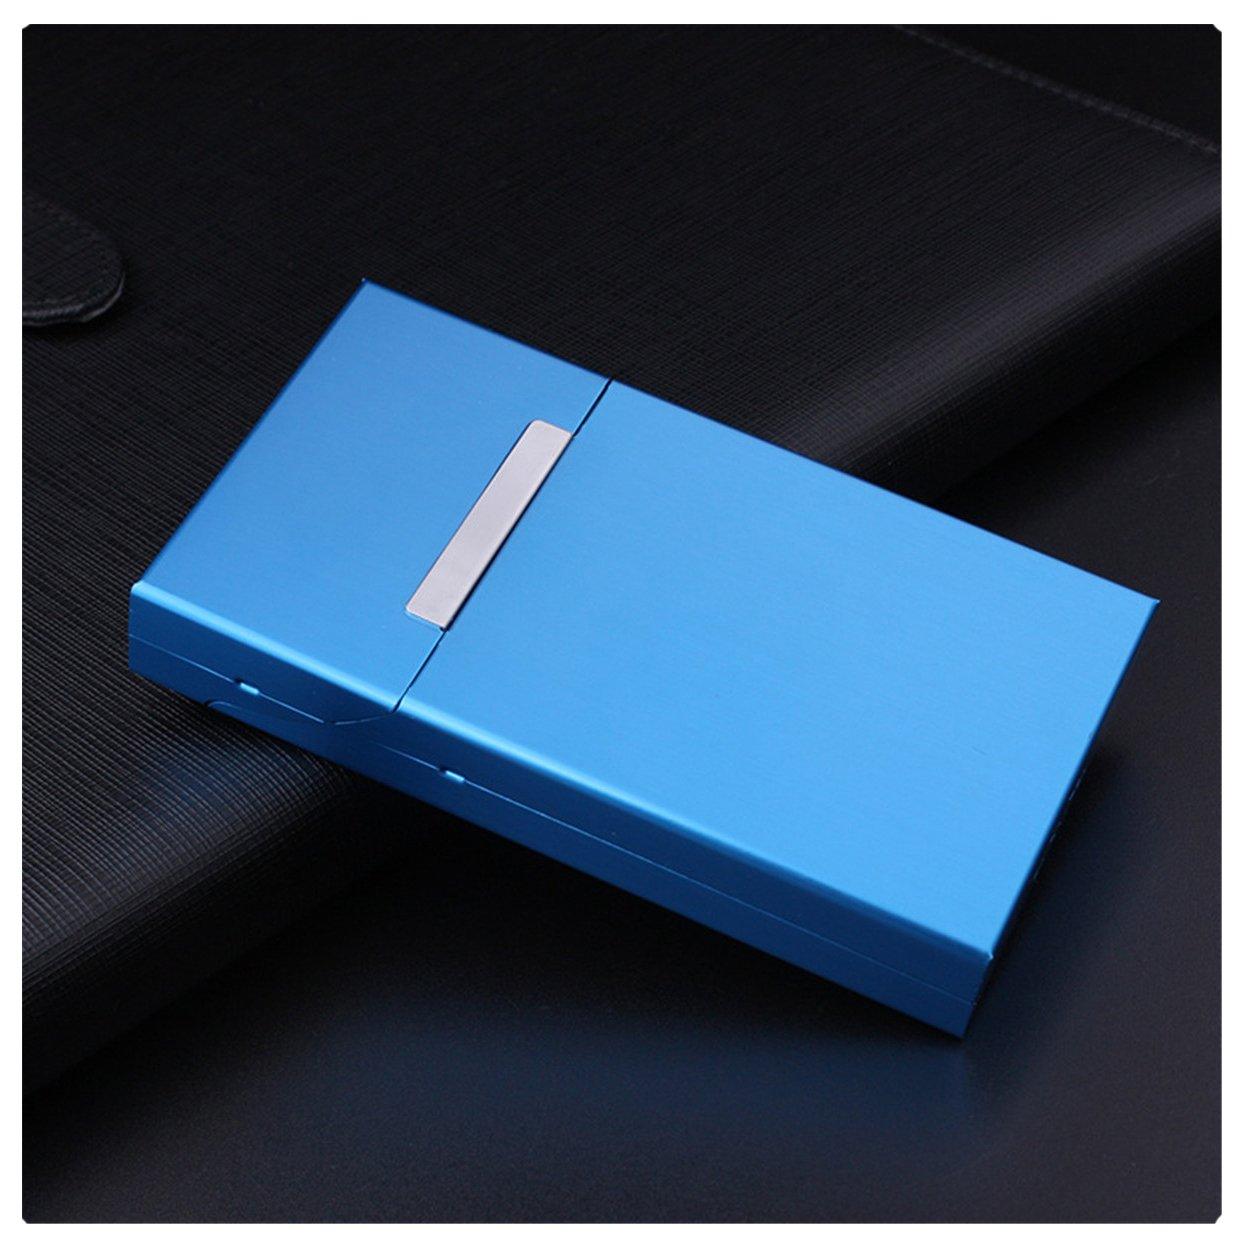 Women Fashion Ultra Thin Aluminum Cigarette Case100mm Cigarette Box Mini Cigarette Holder,Blue